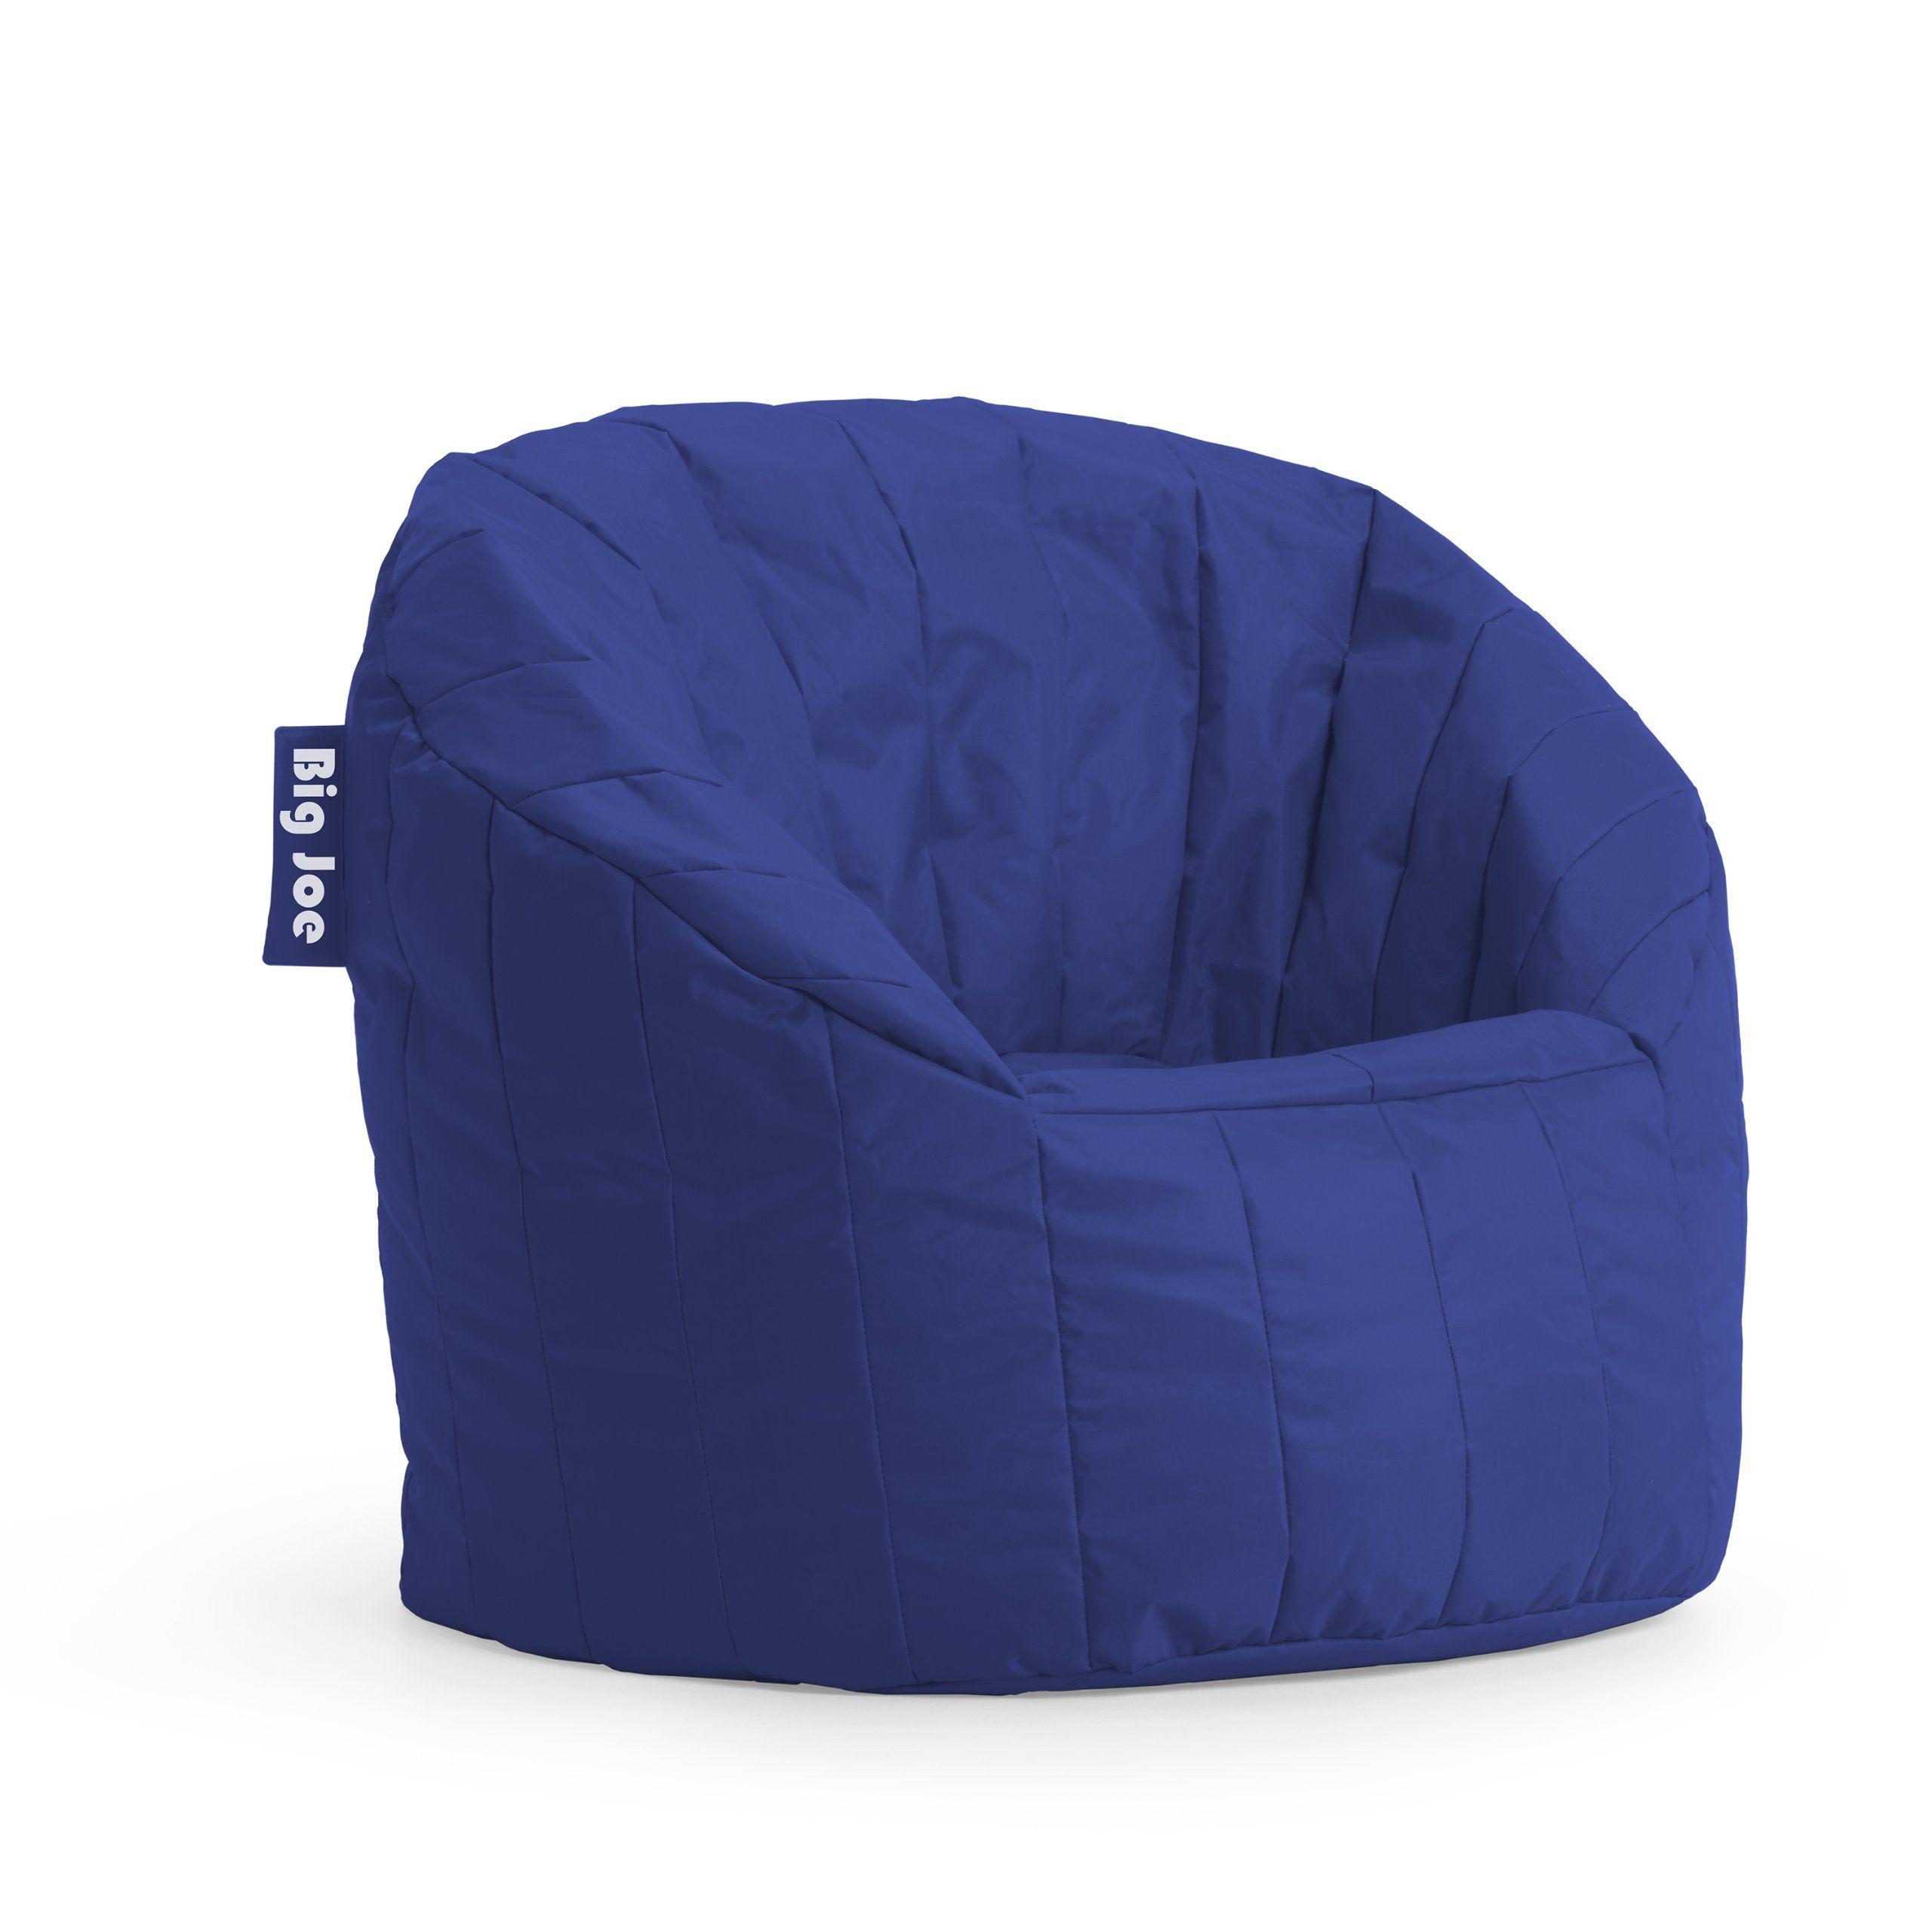 Big joe zip modular armless chair at brookstone buy now - Big Joe Zip Modular Armless Chair At Brookstone Buy Now 7